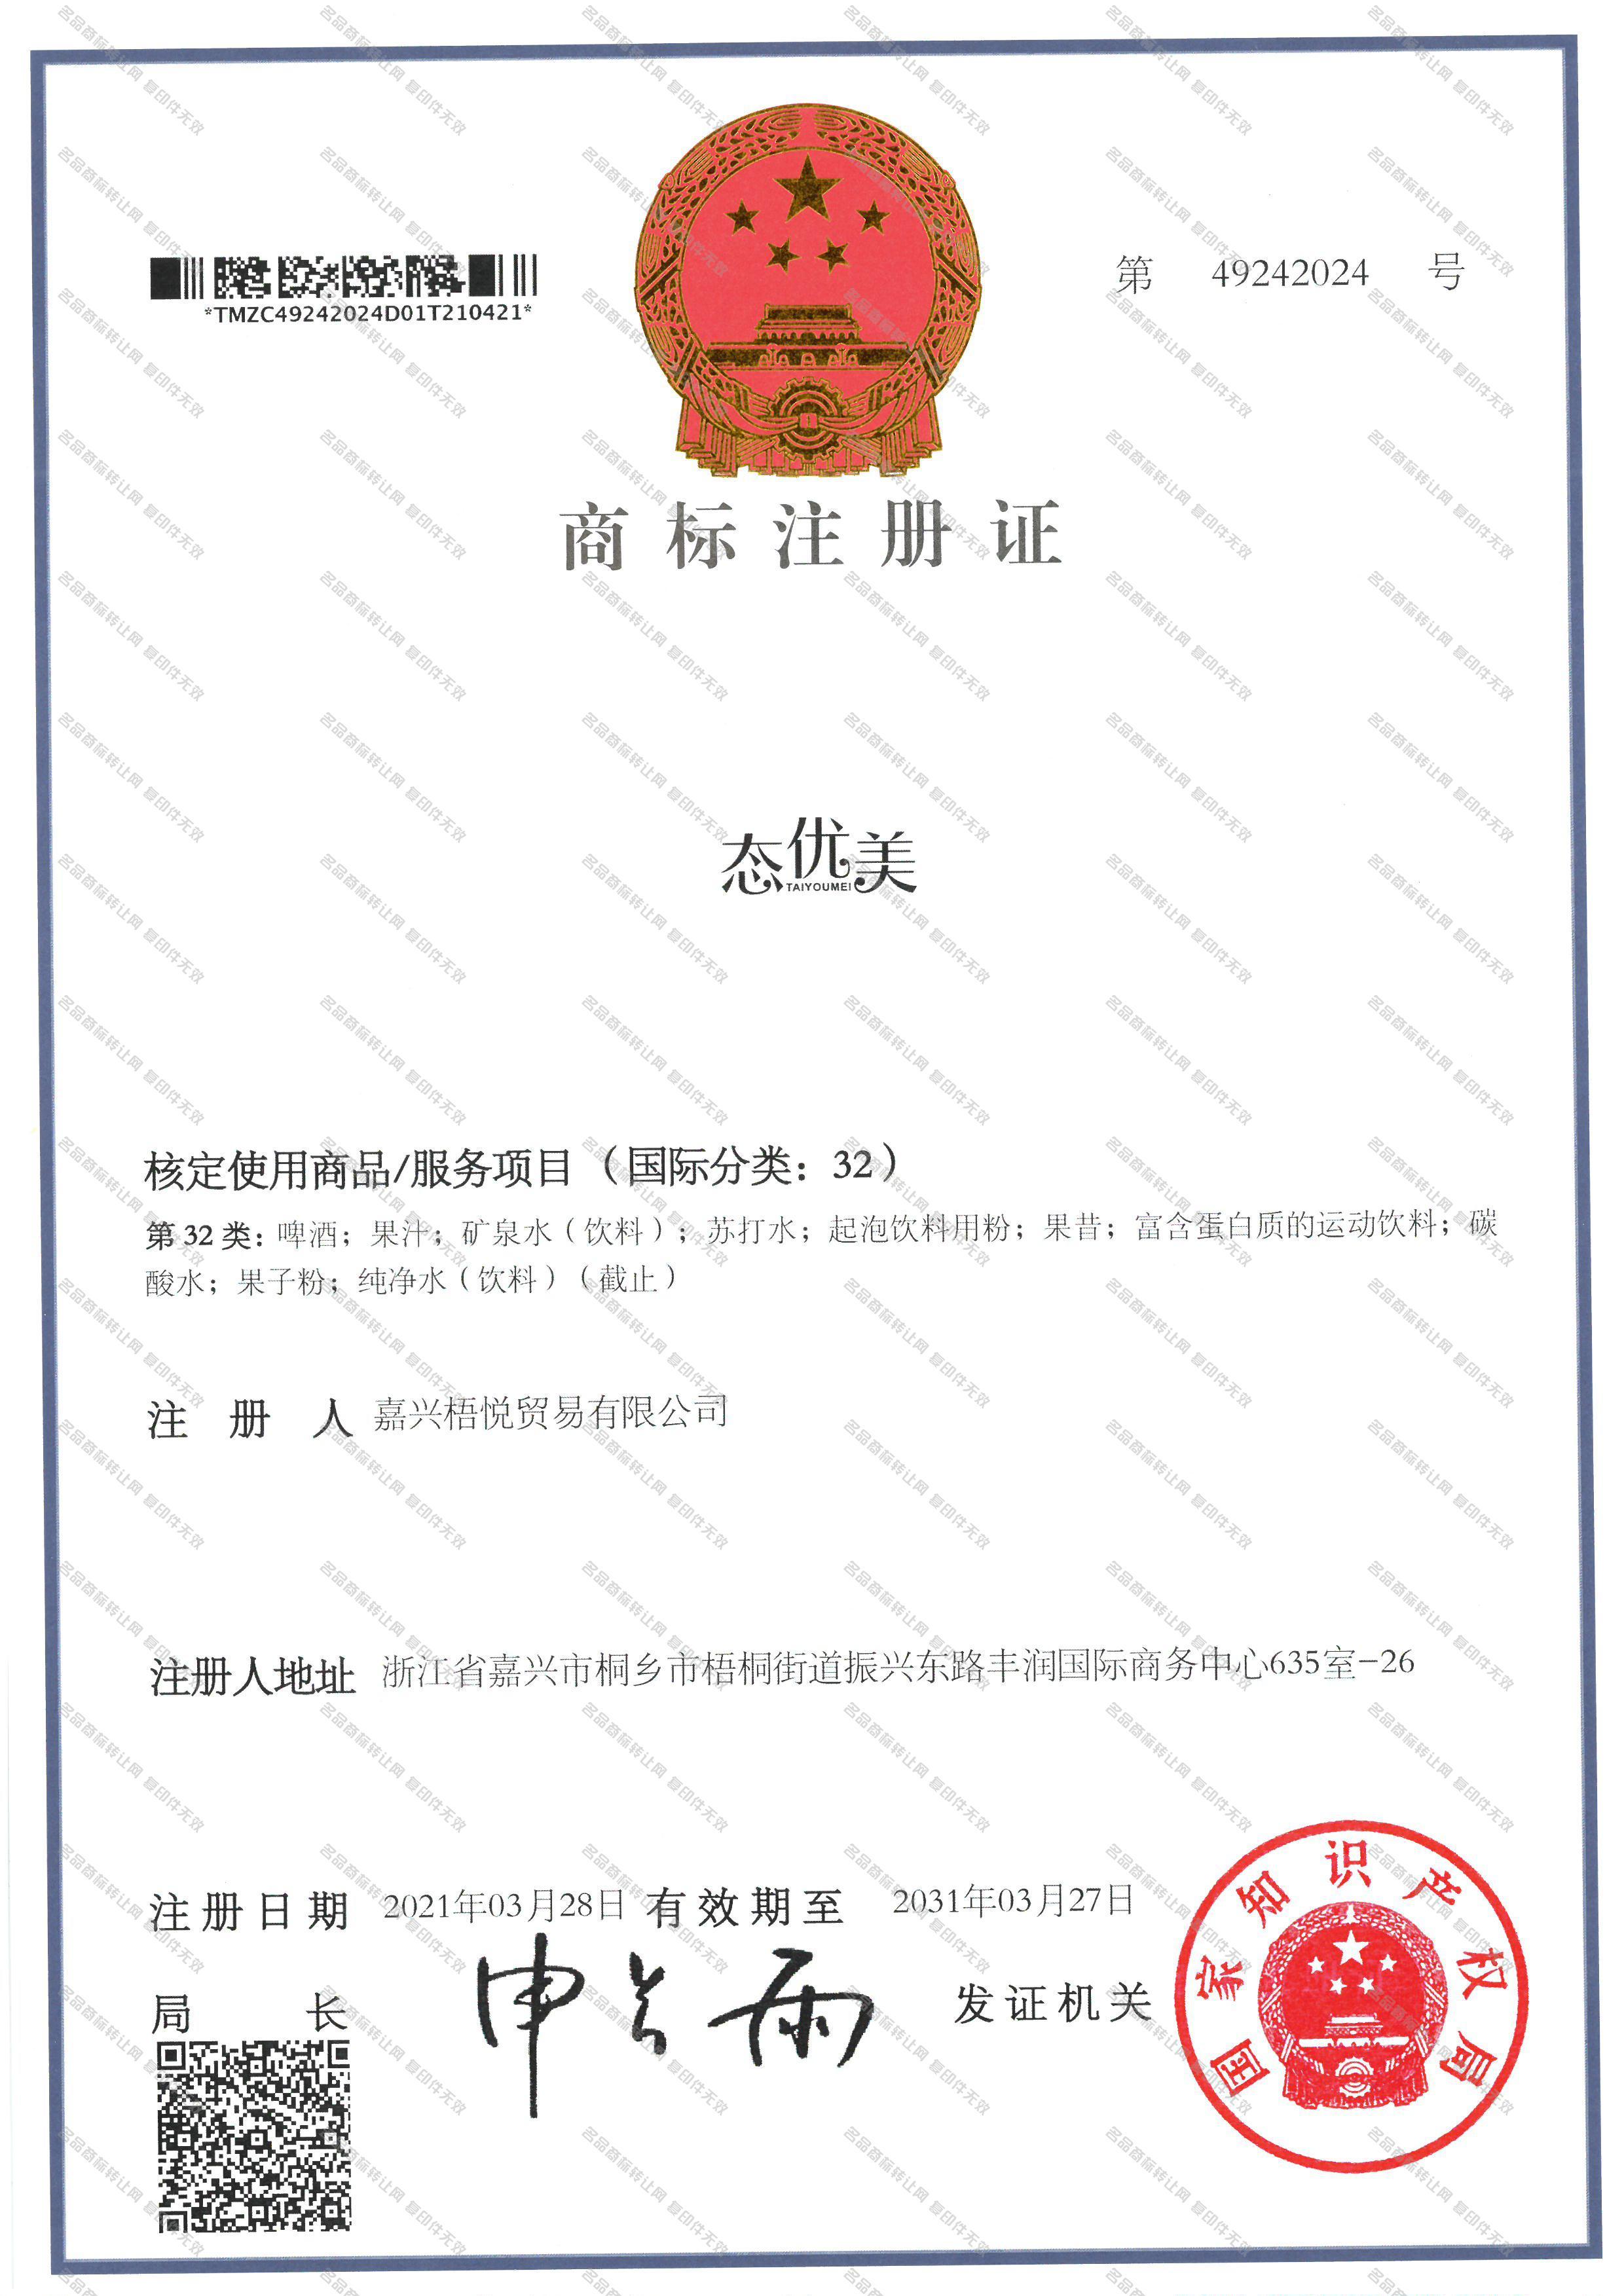 态优美;TAIYOUMEI注册证